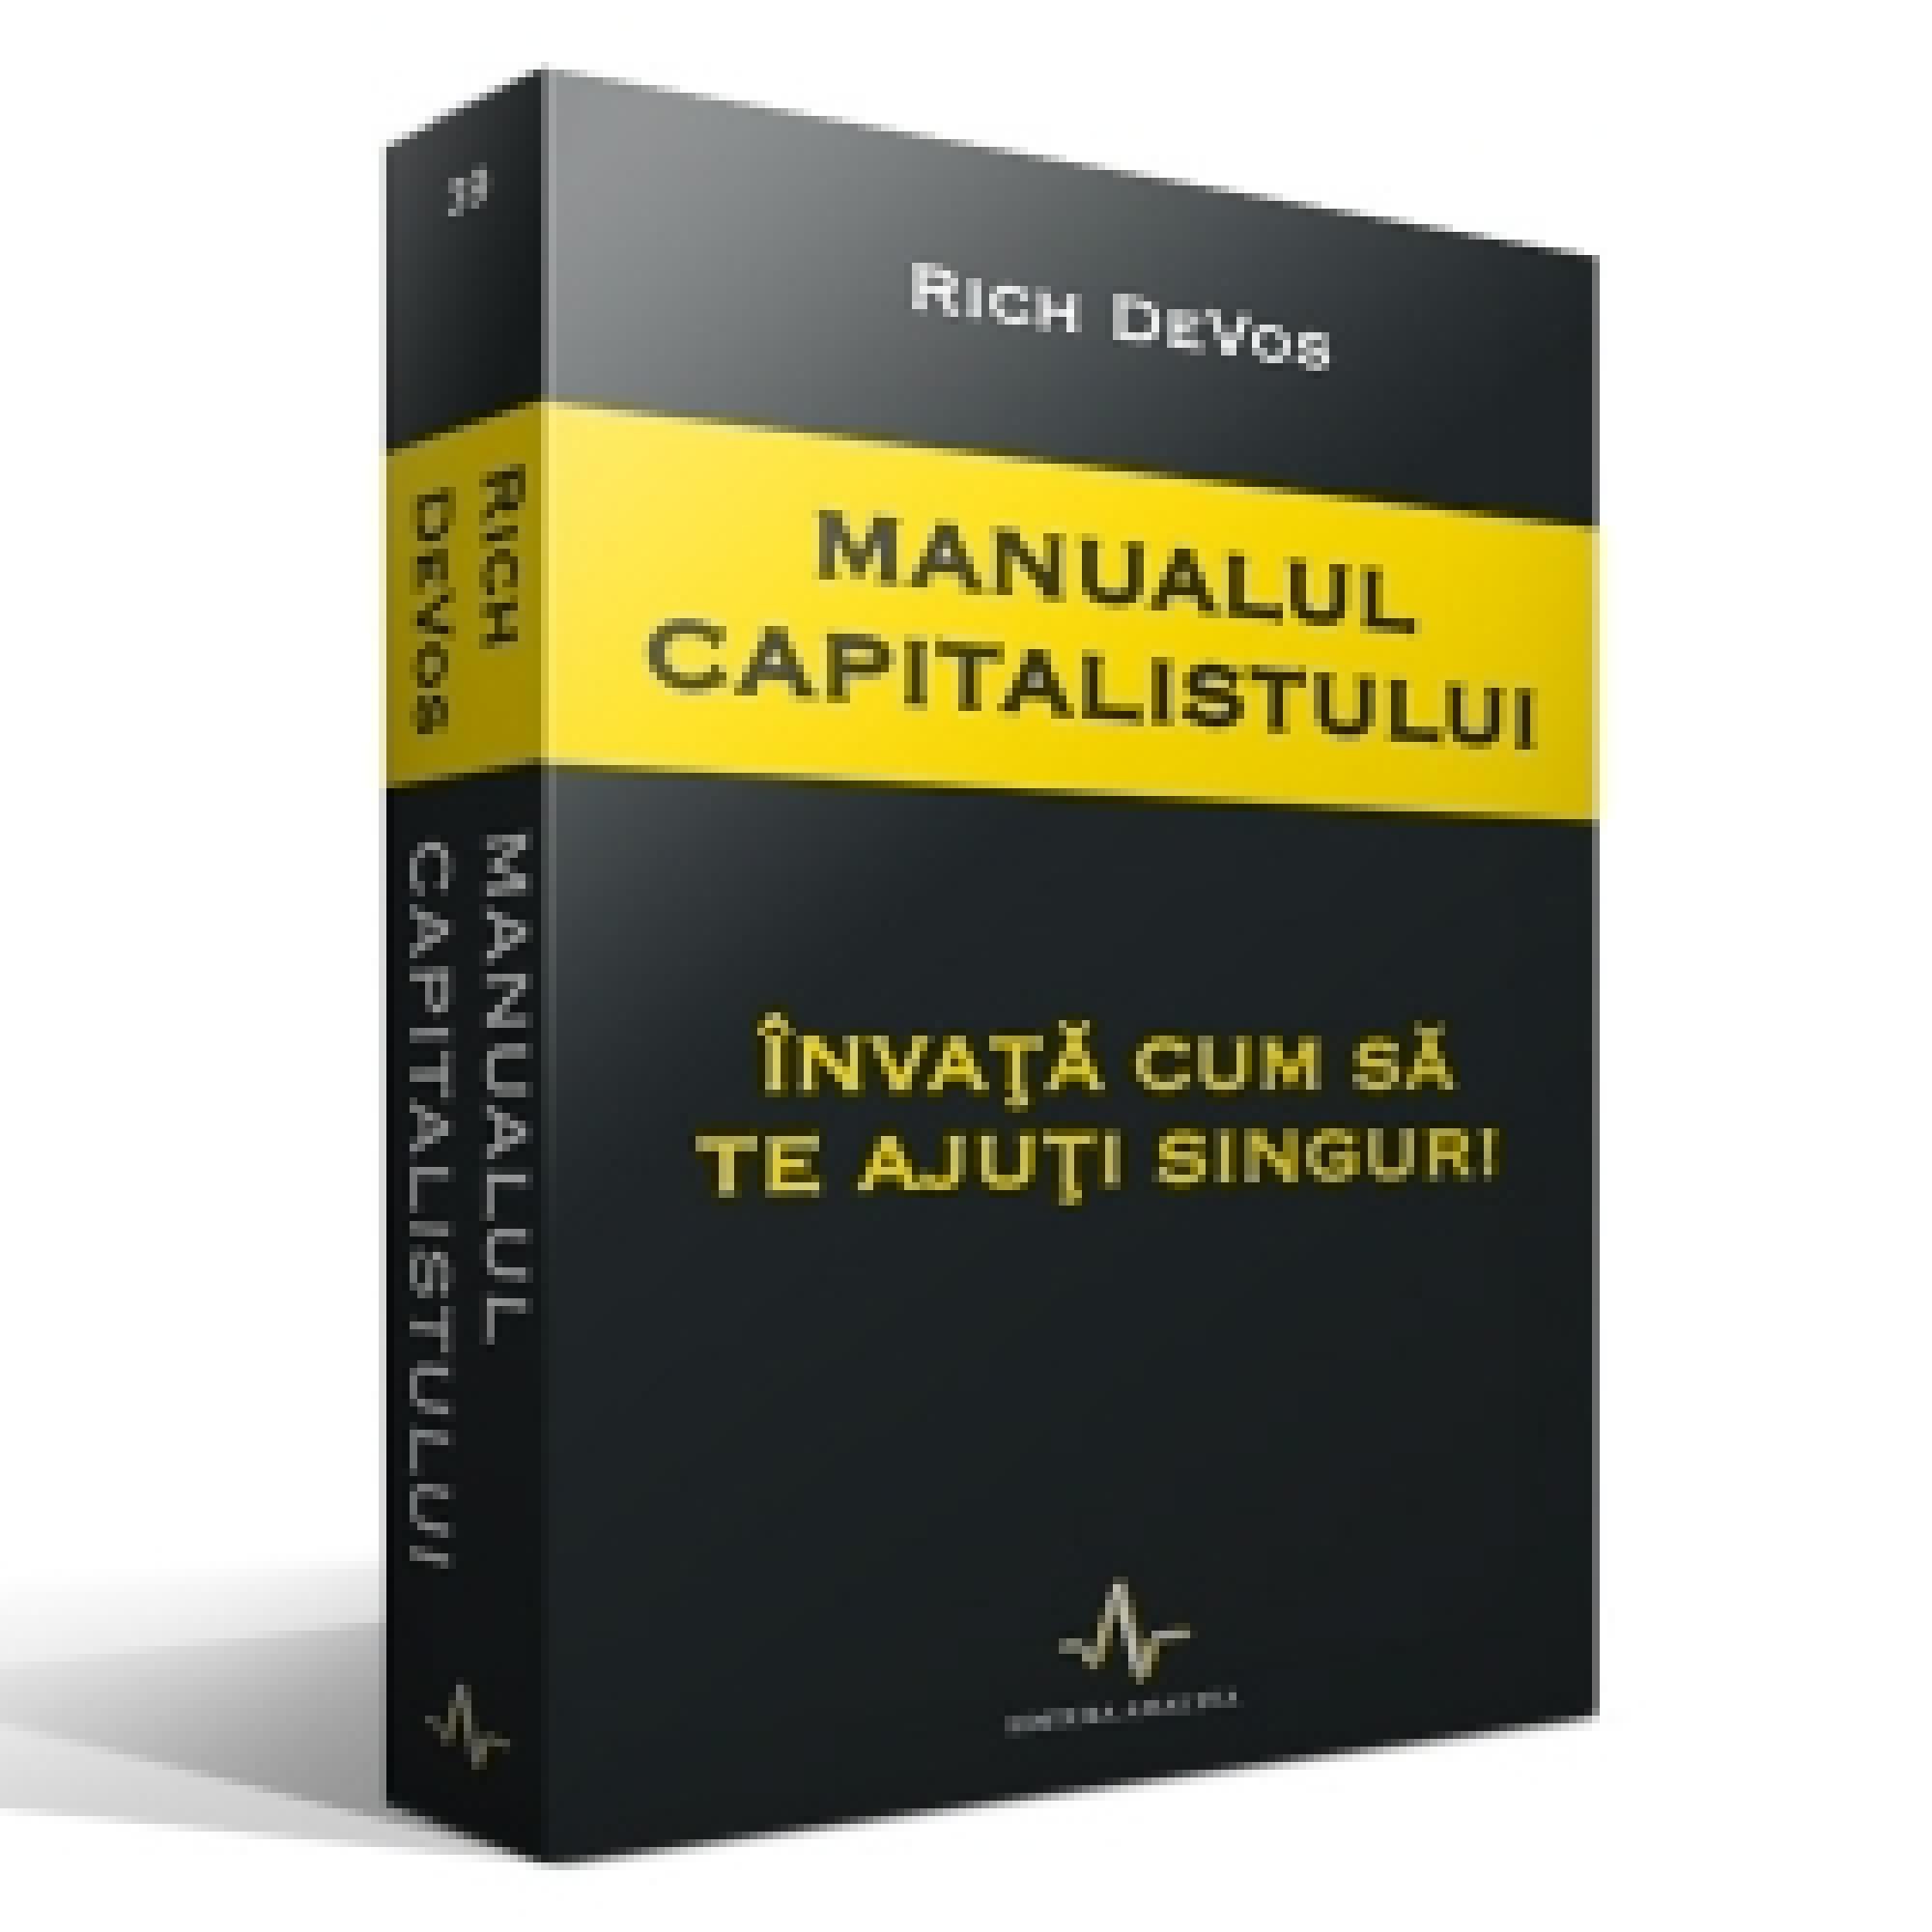 Manualul capitalistului. Învață cum să te ajuți singur!